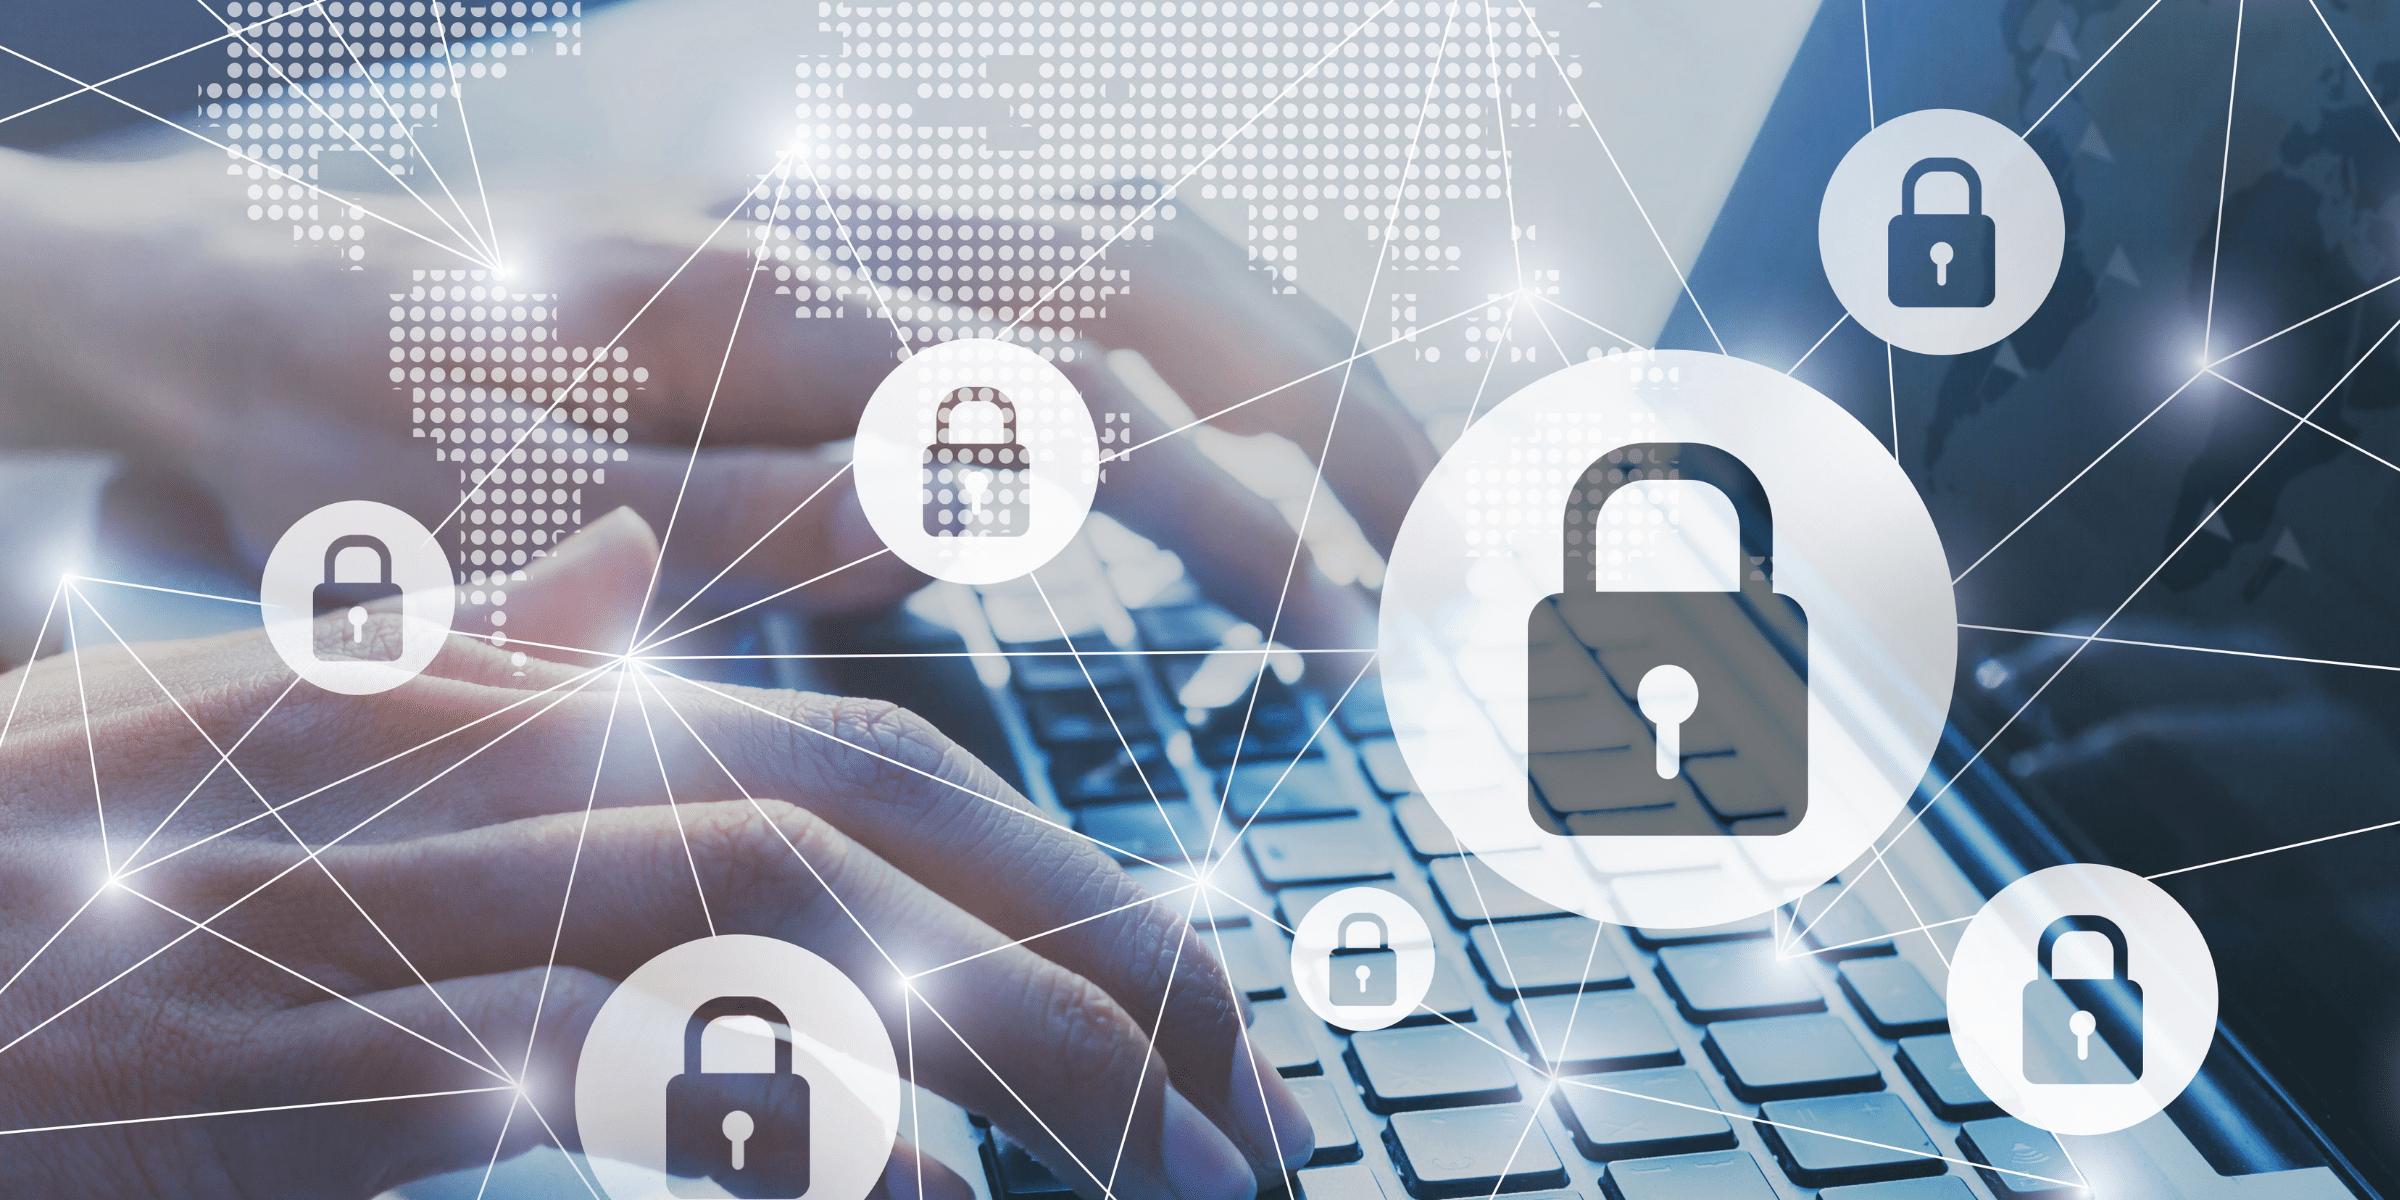 Cyber Security für KMU - ein wichtiges Thema.